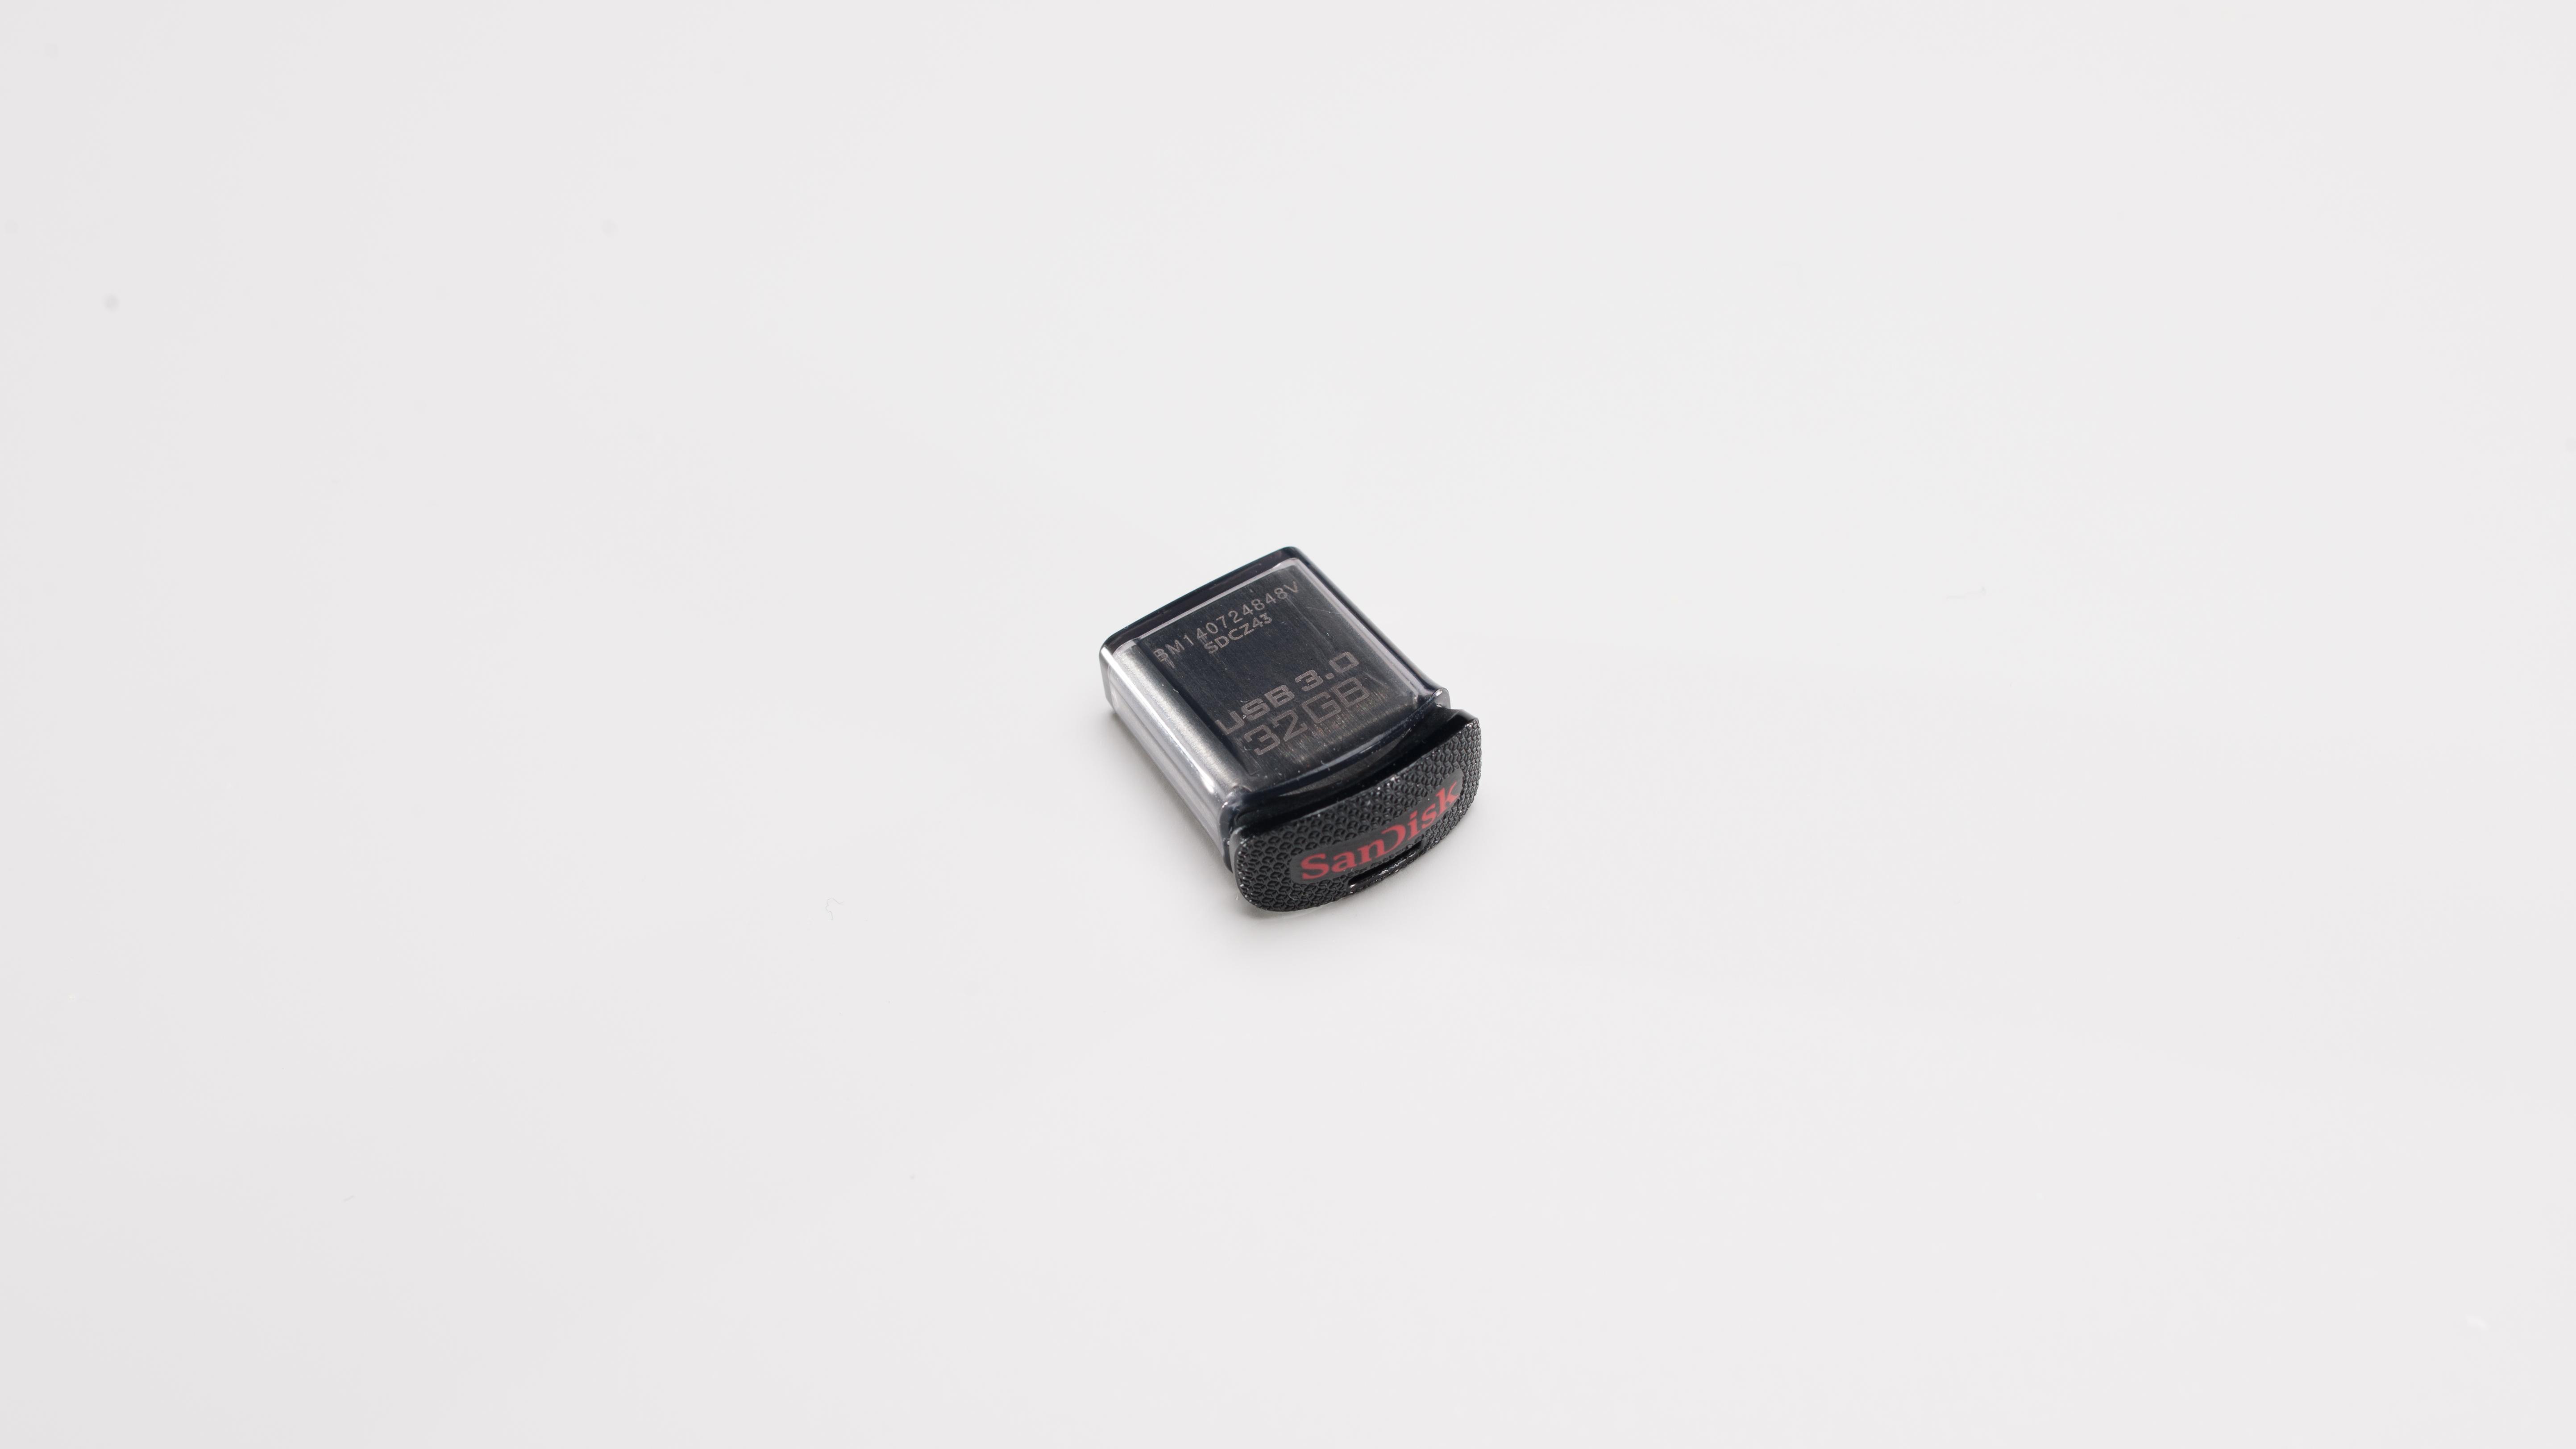 SanDisk Ultra Fit Uncapped